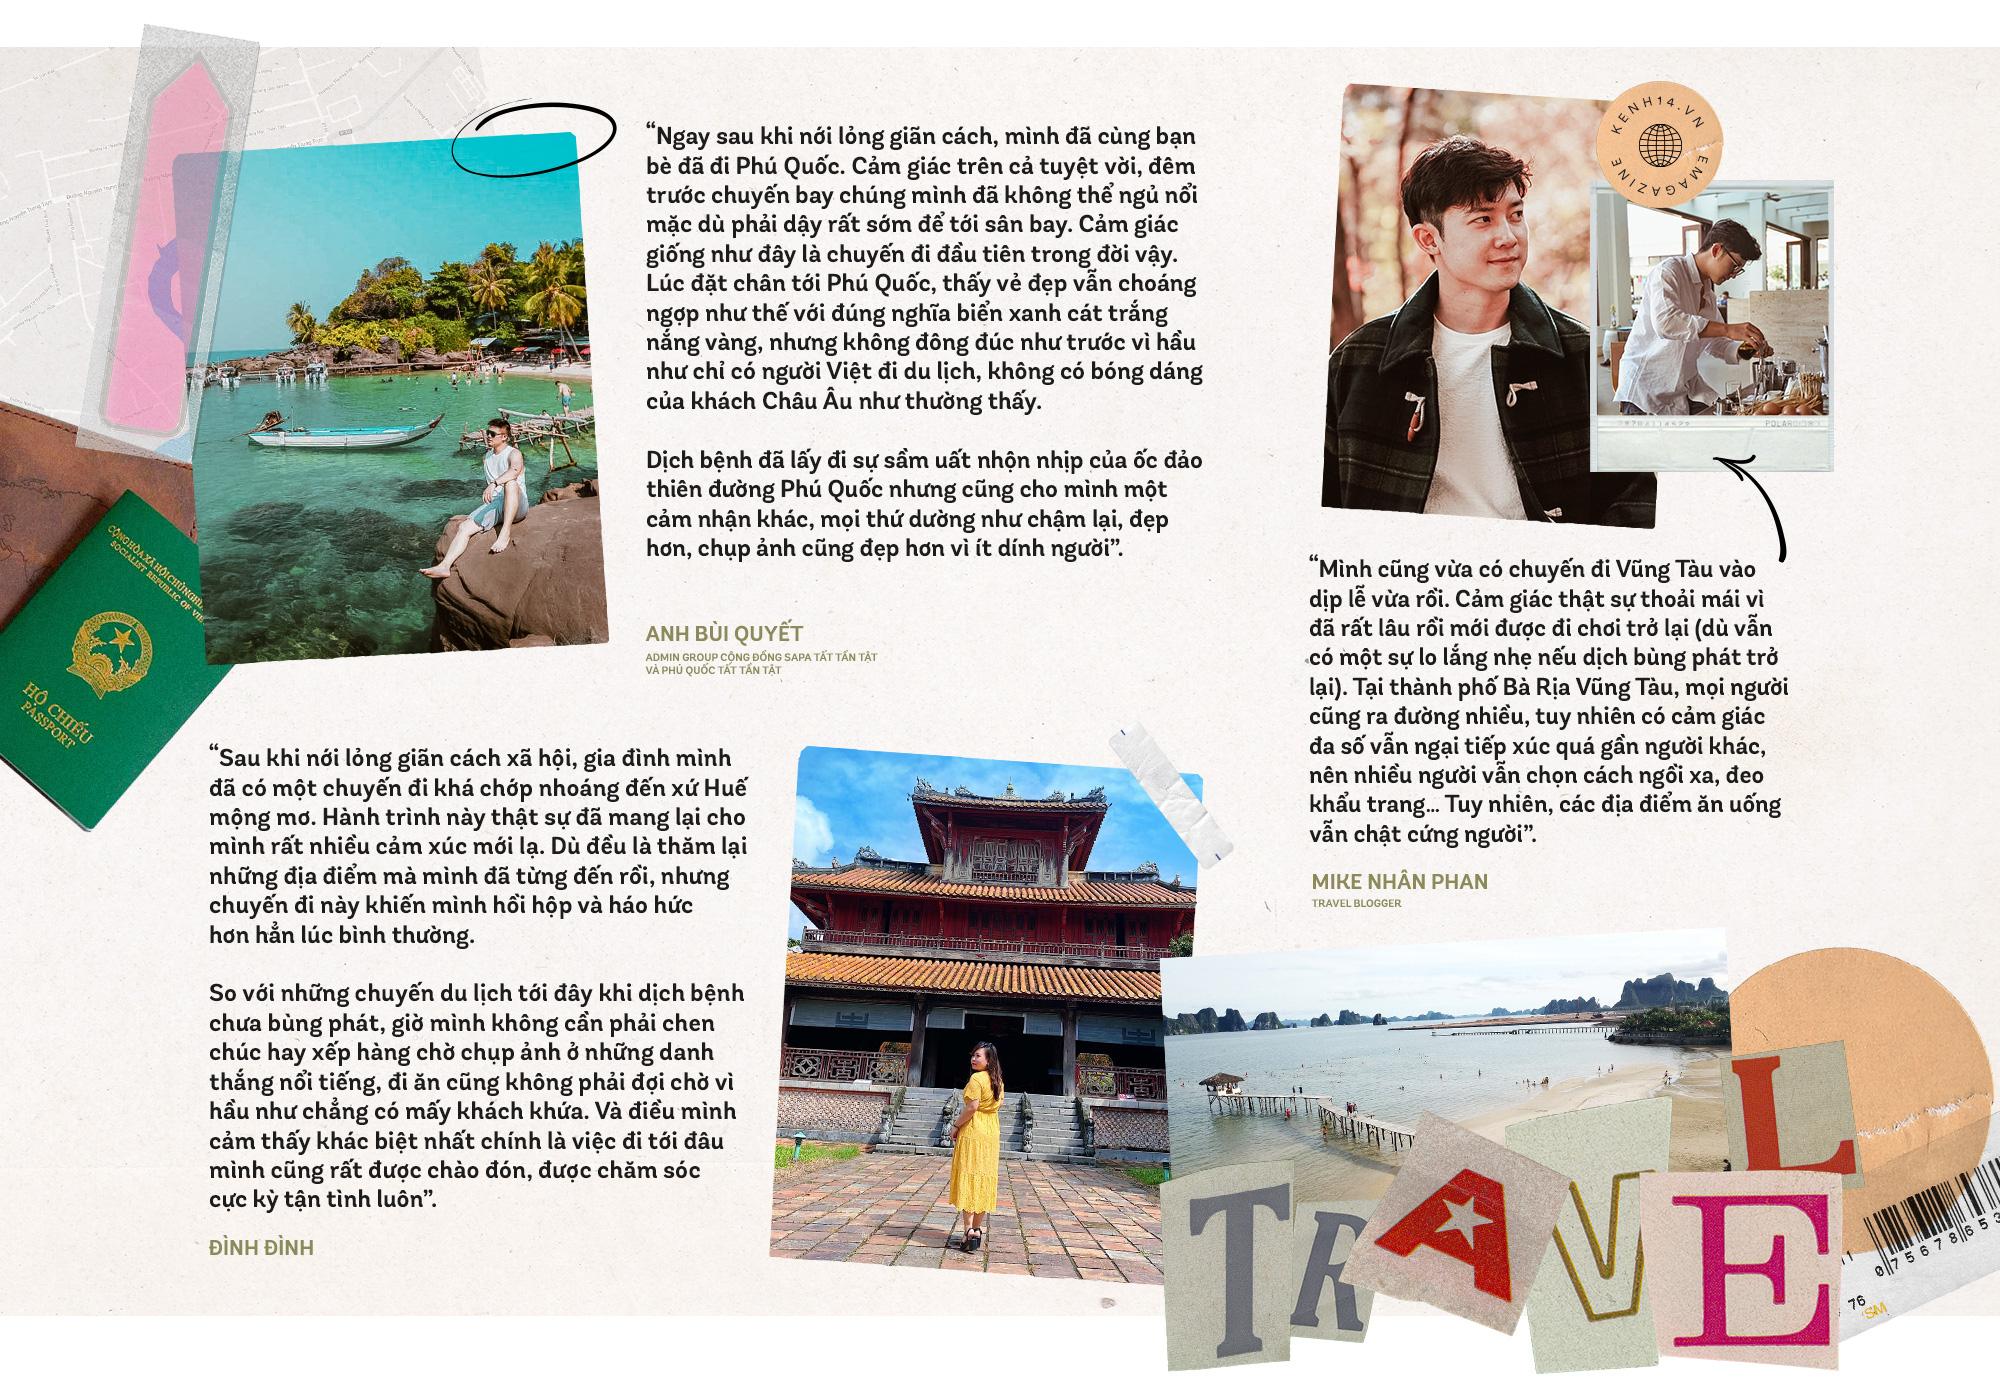 Bạn không cần phải đi khắp thế giới trong năm nay, bởi Việt Nam đẹp tuyệt và Việt Nam cần bạn! - Ảnh 5.